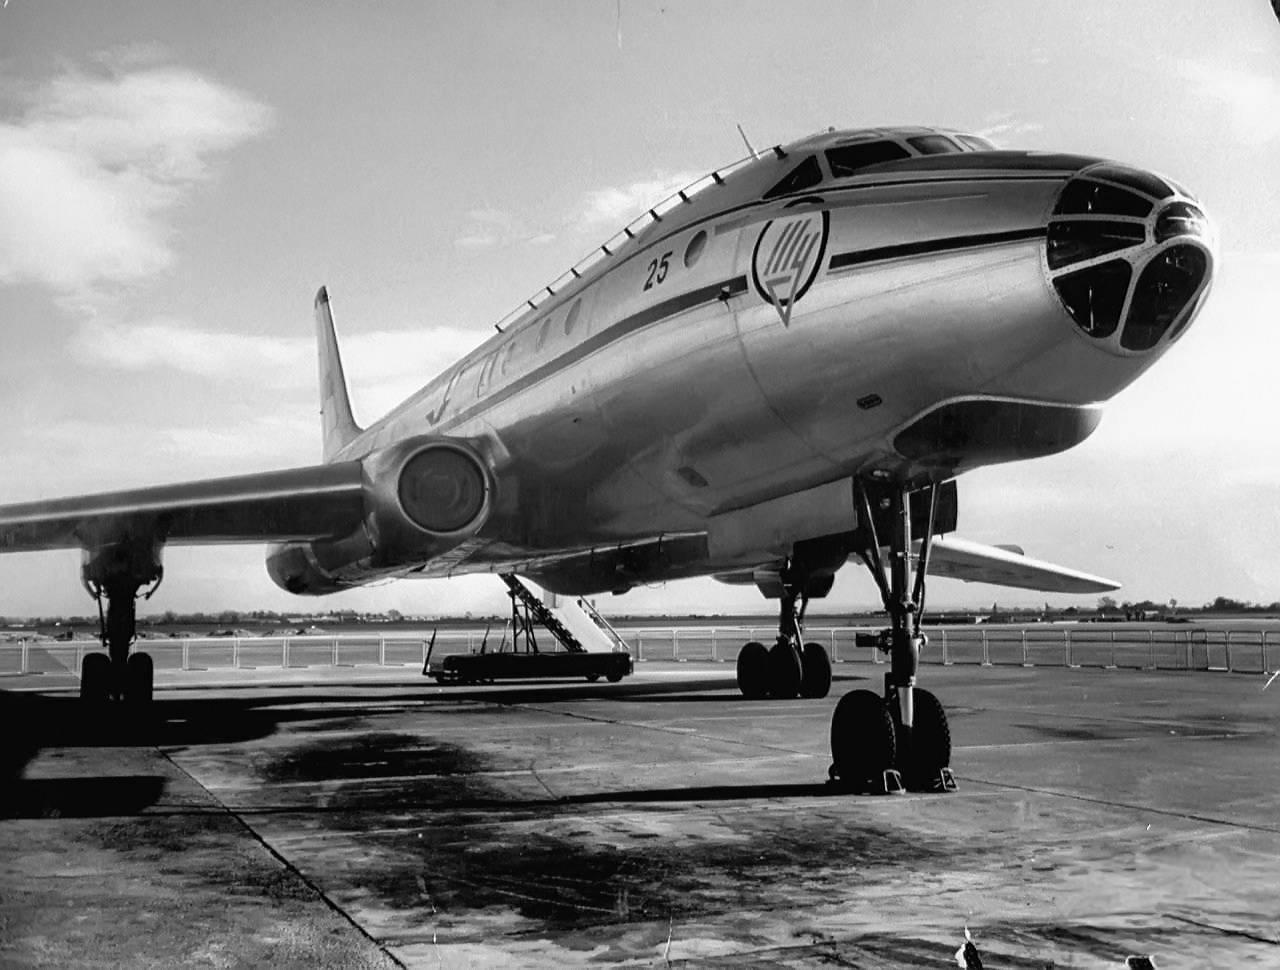 Первый самолет Ту-104 совершил полет в начале ноября 1955 года. Таким образом, на разработку ушло со